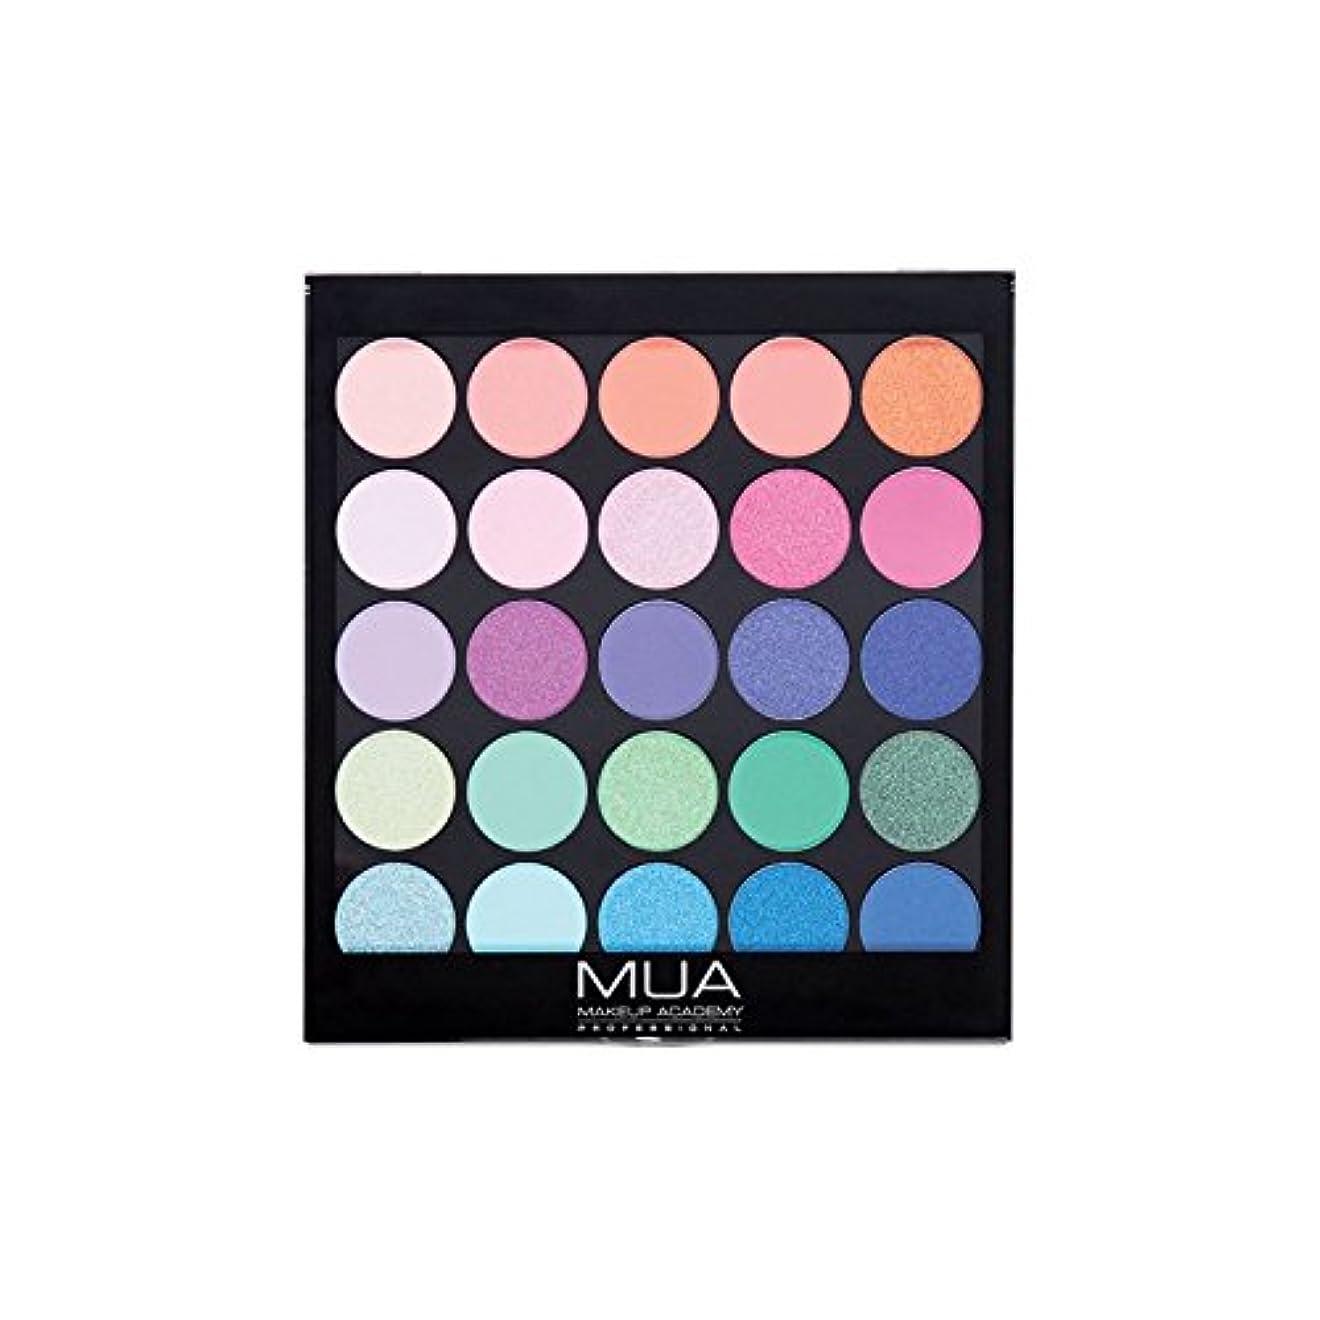 登録ふざけた欠陥のアイシャドウパレット熱帯オセアナ054 x4 - MUA Eyeshadow Palette Tropical Oceana 054 (Pack of 4) [並行輸入品]